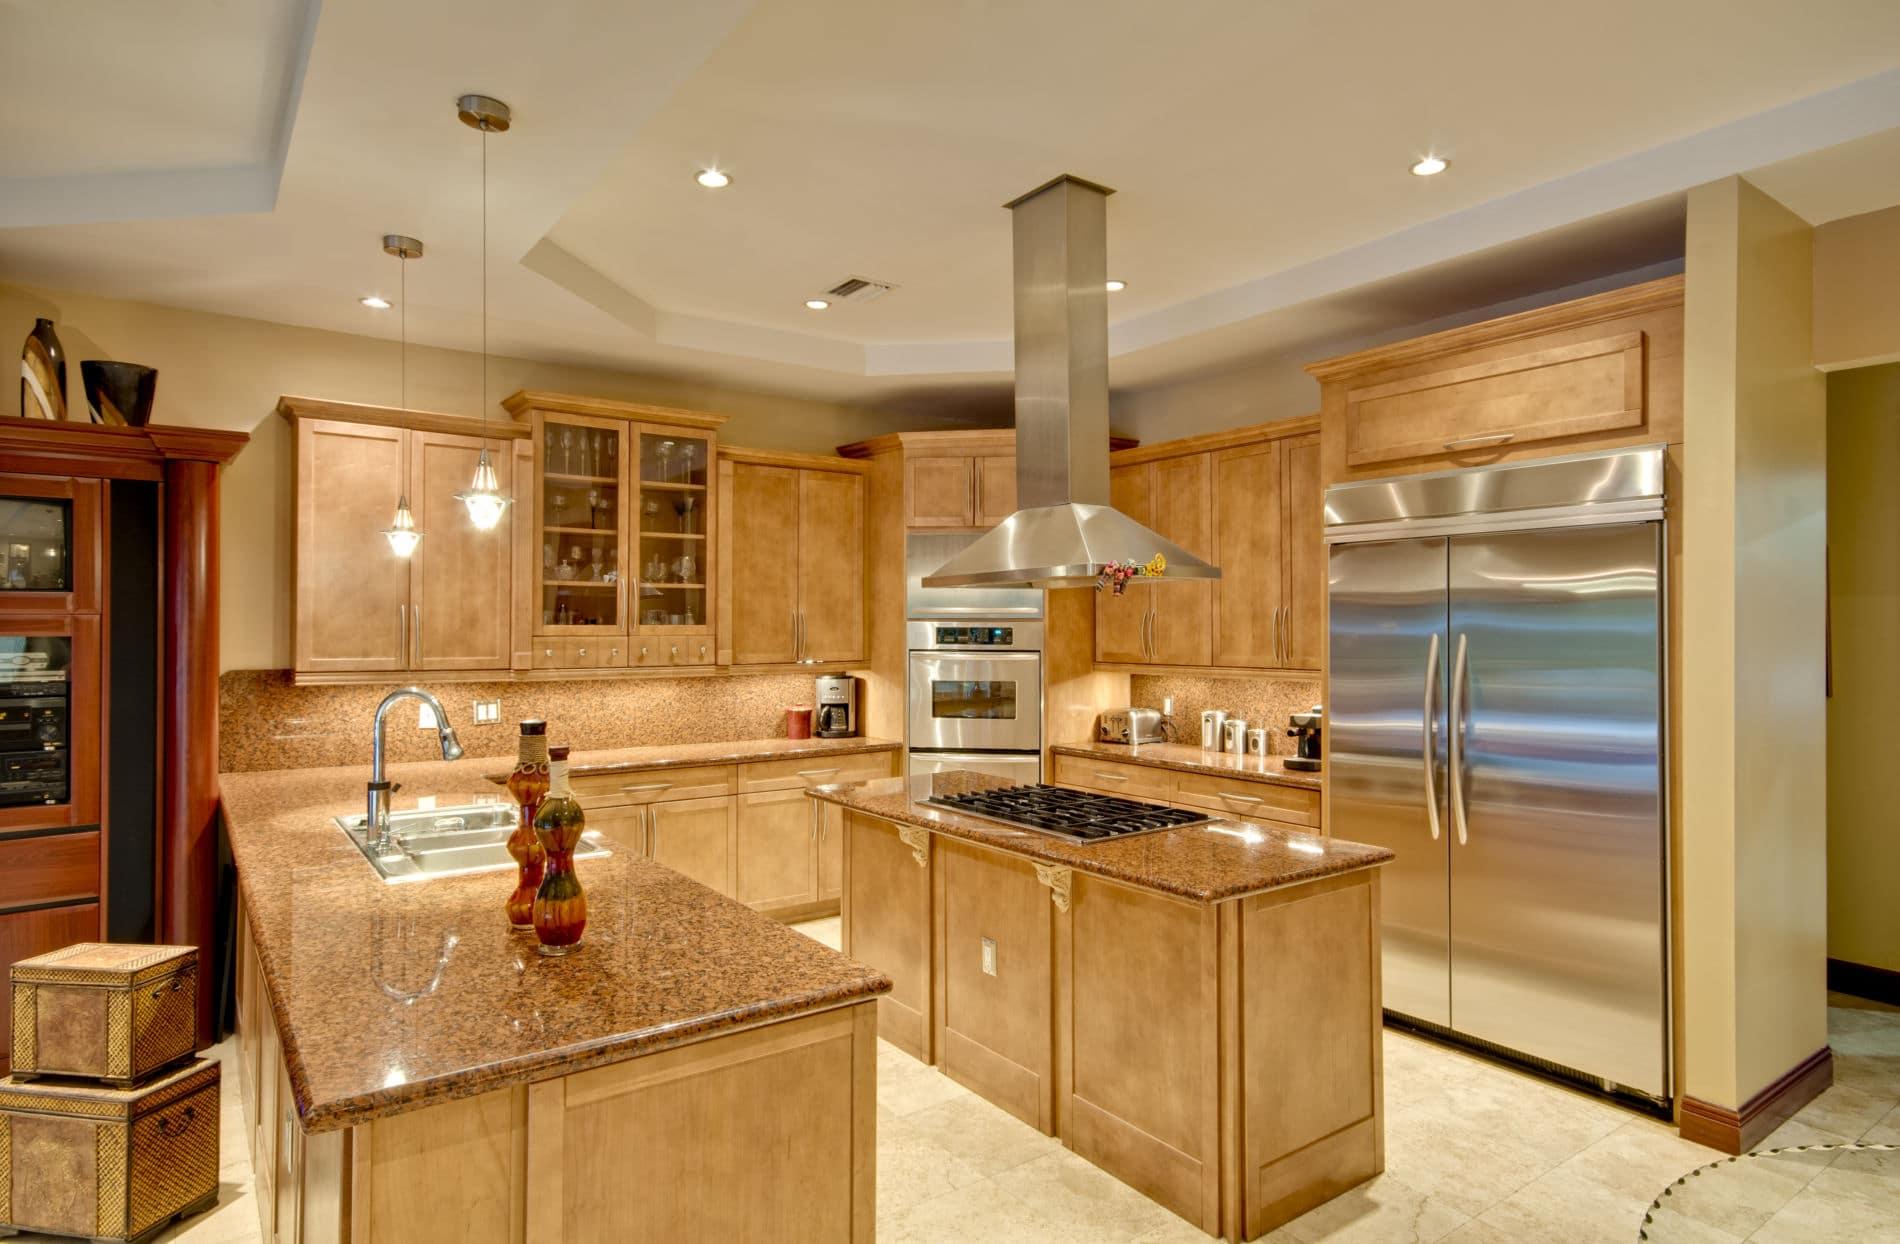 מטבח כפרי מעץ ושיש דגם גולד פרימיום